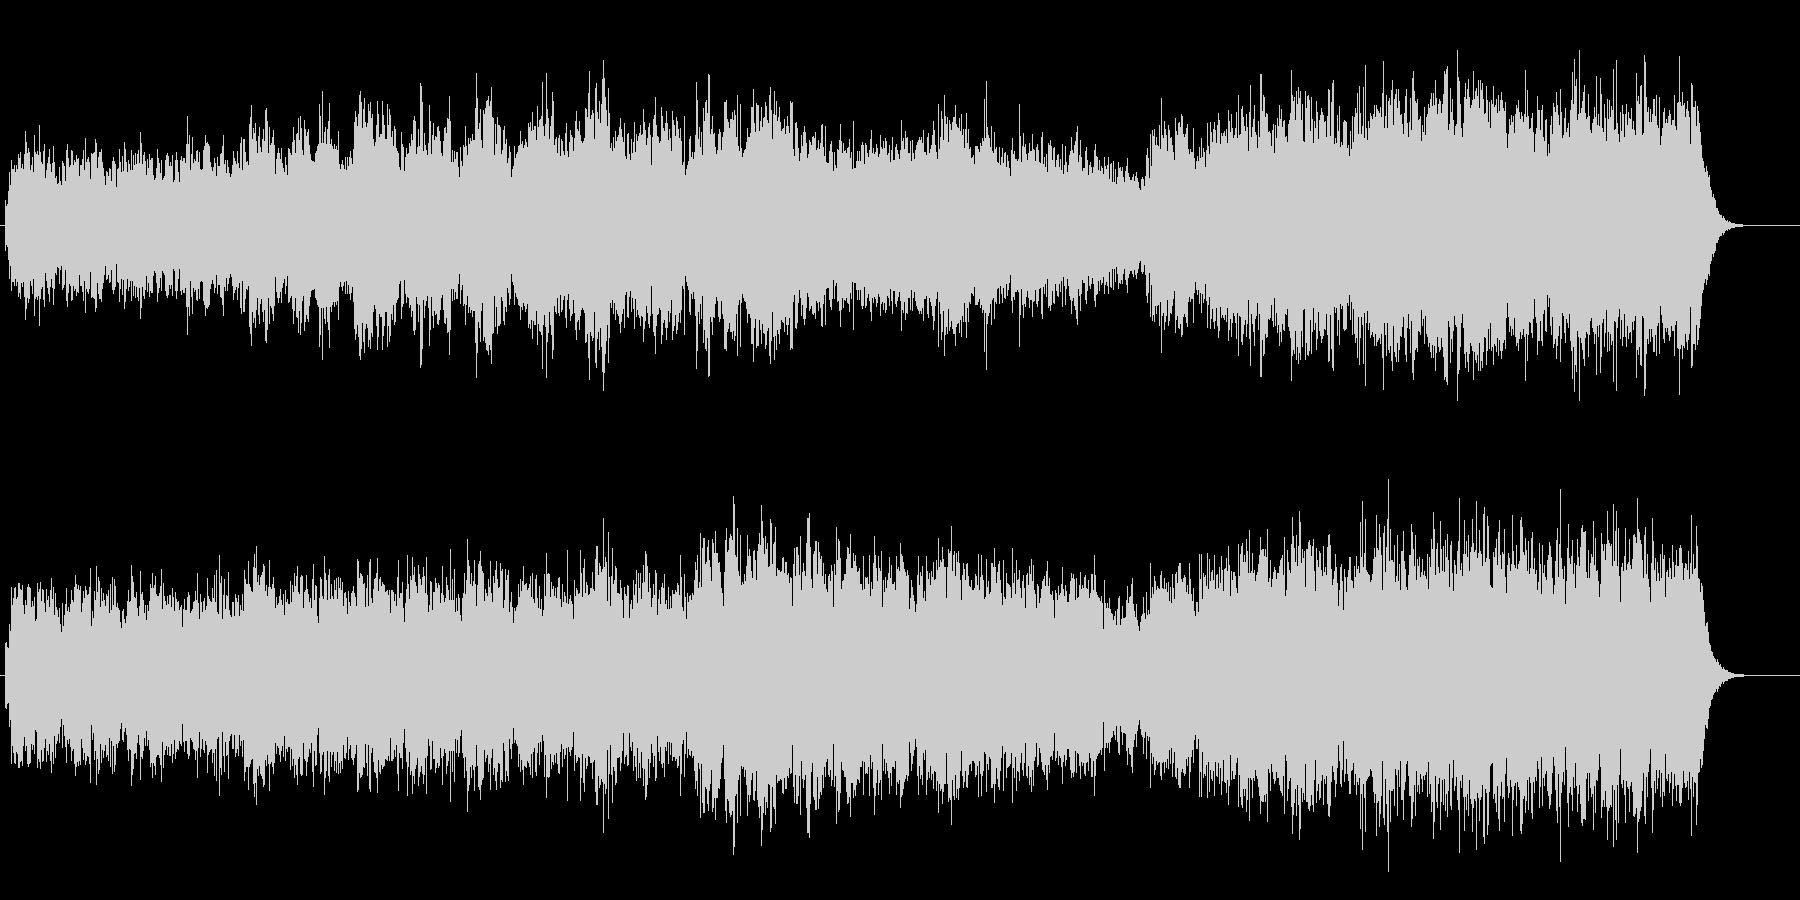 静かなヨーロッパ的ドキュメンタリーアンビの未再生の波形